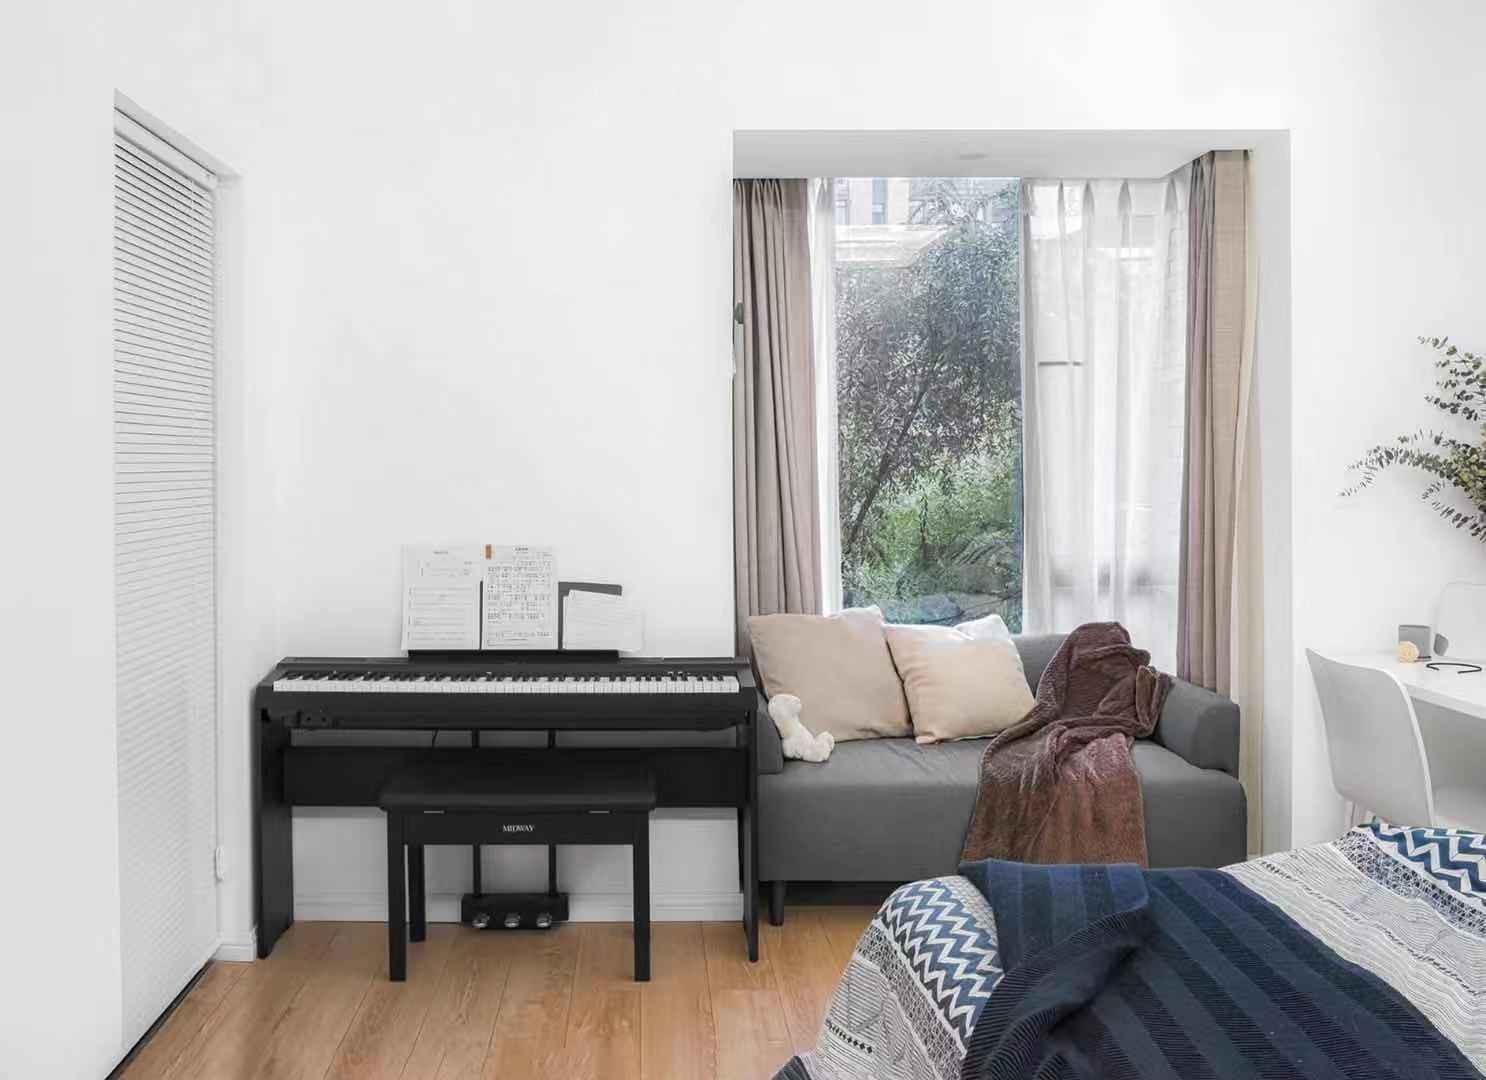 2020现代简约卧室装修设计图片 2020现代简约飘窗图片